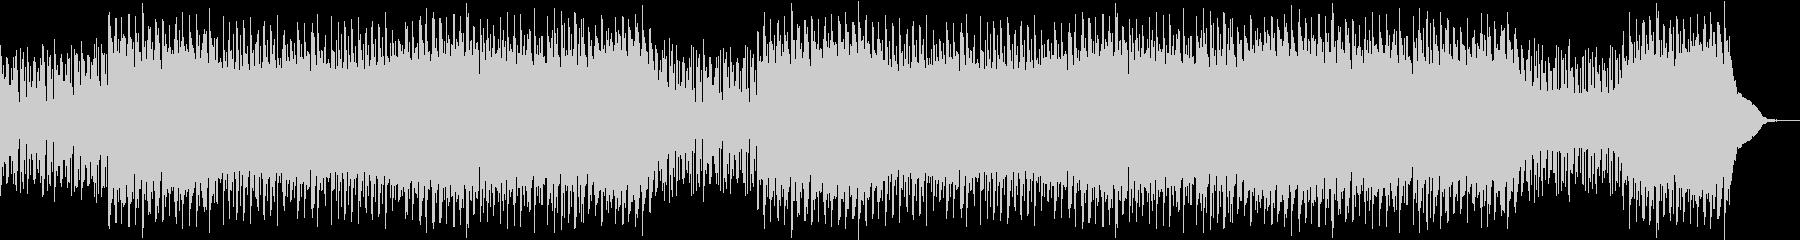 謎めいた興味深い音楽の未再生の波形